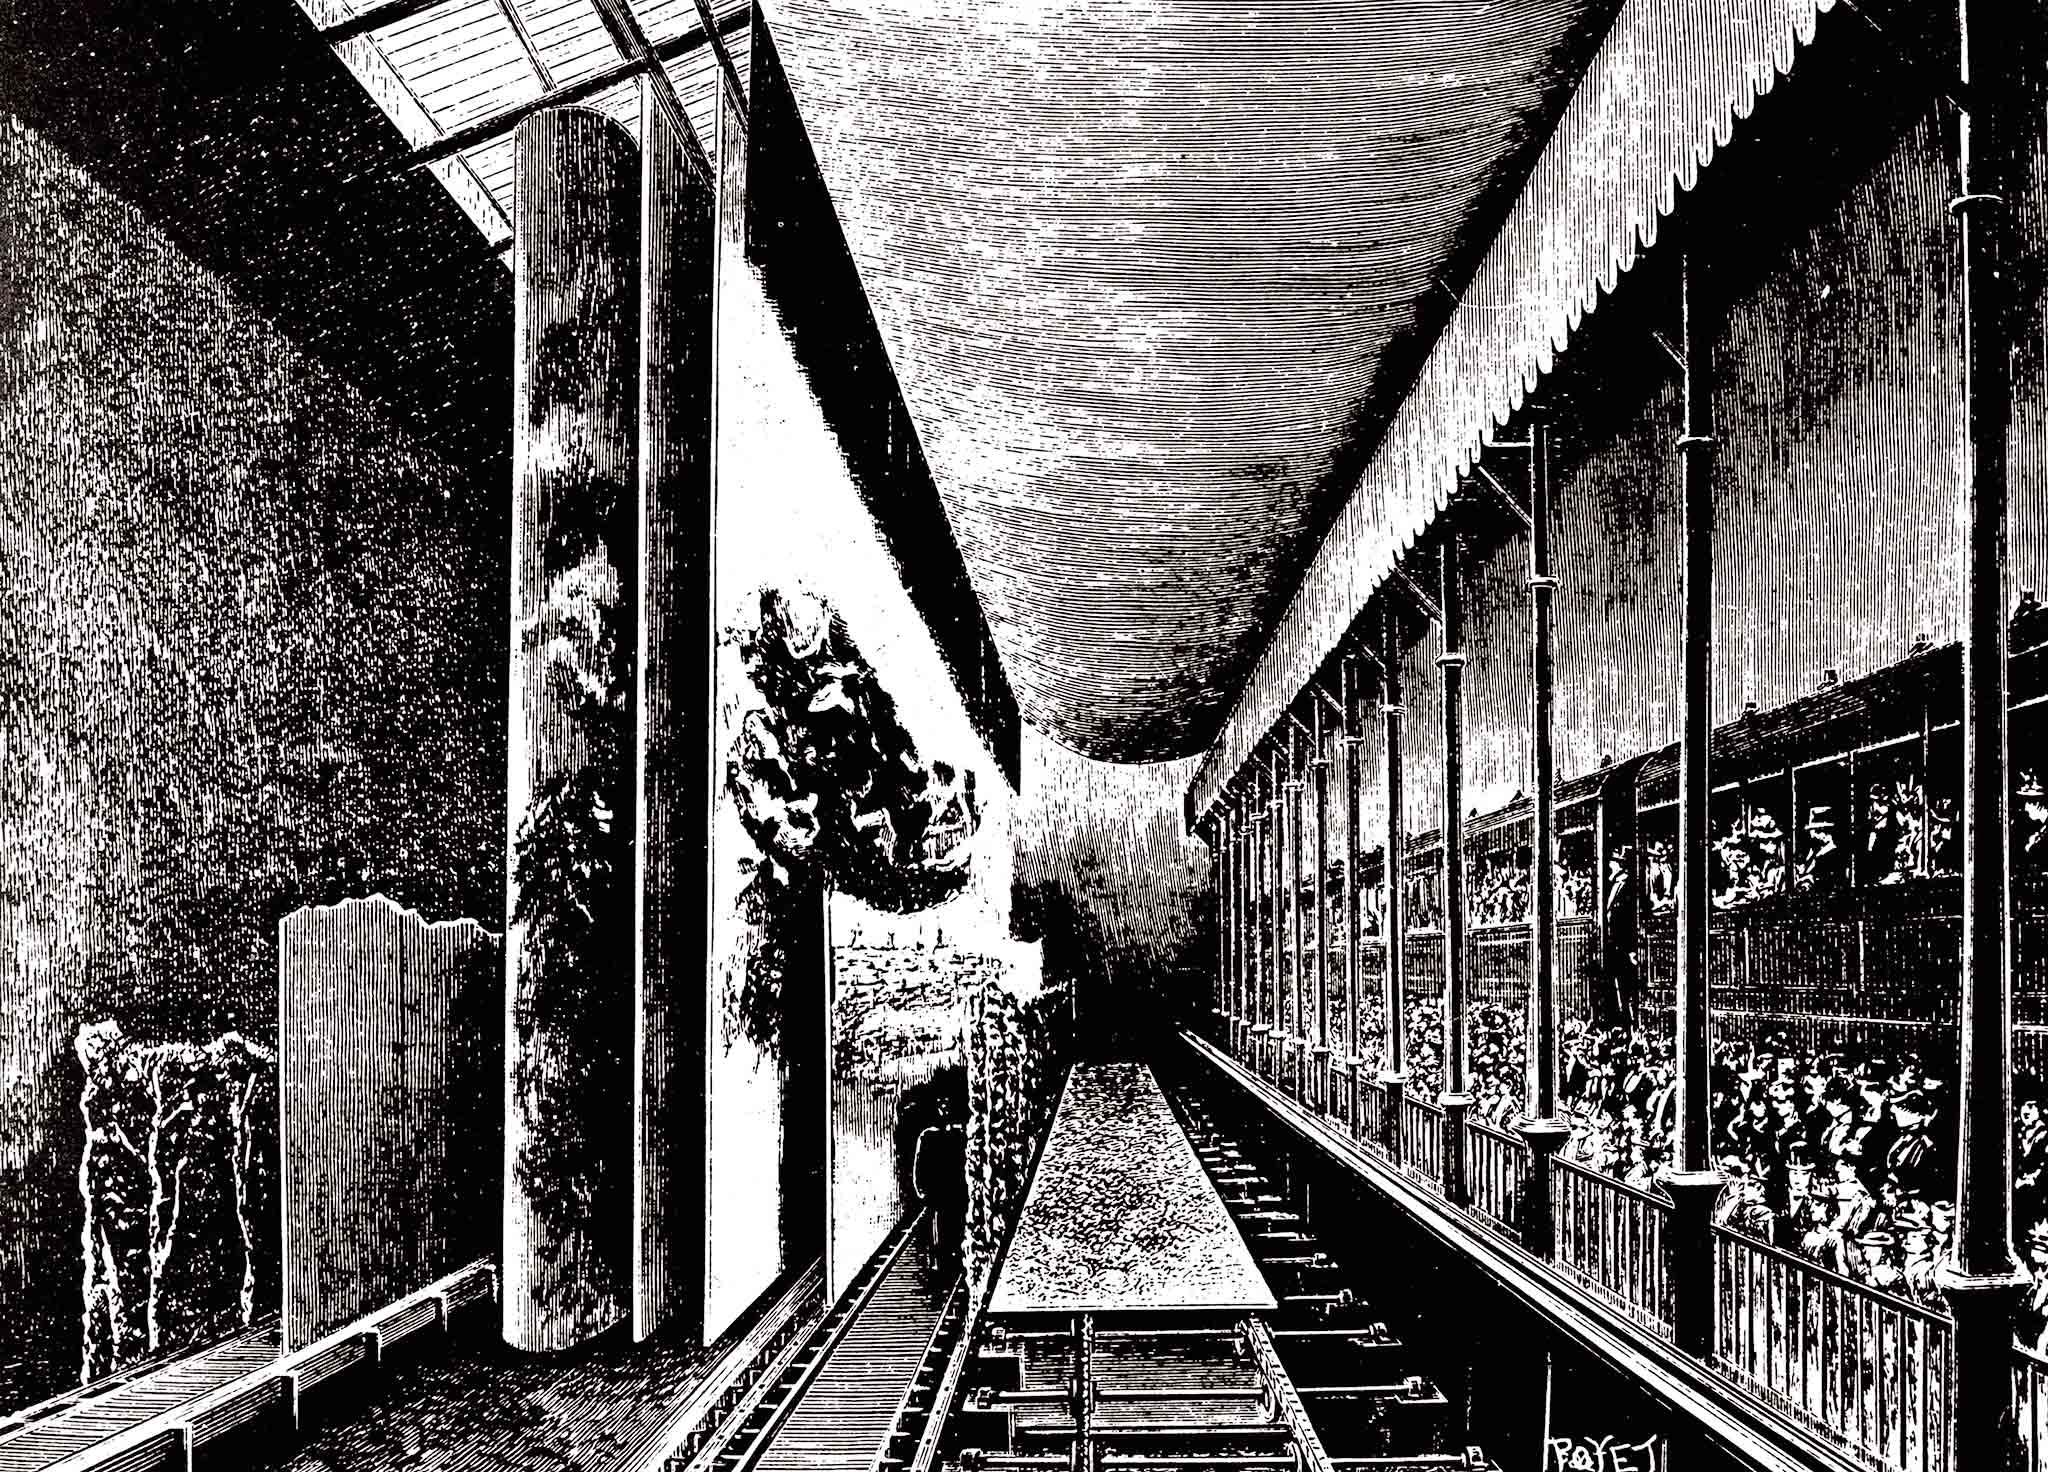 Het panorama van Wagons-Lits